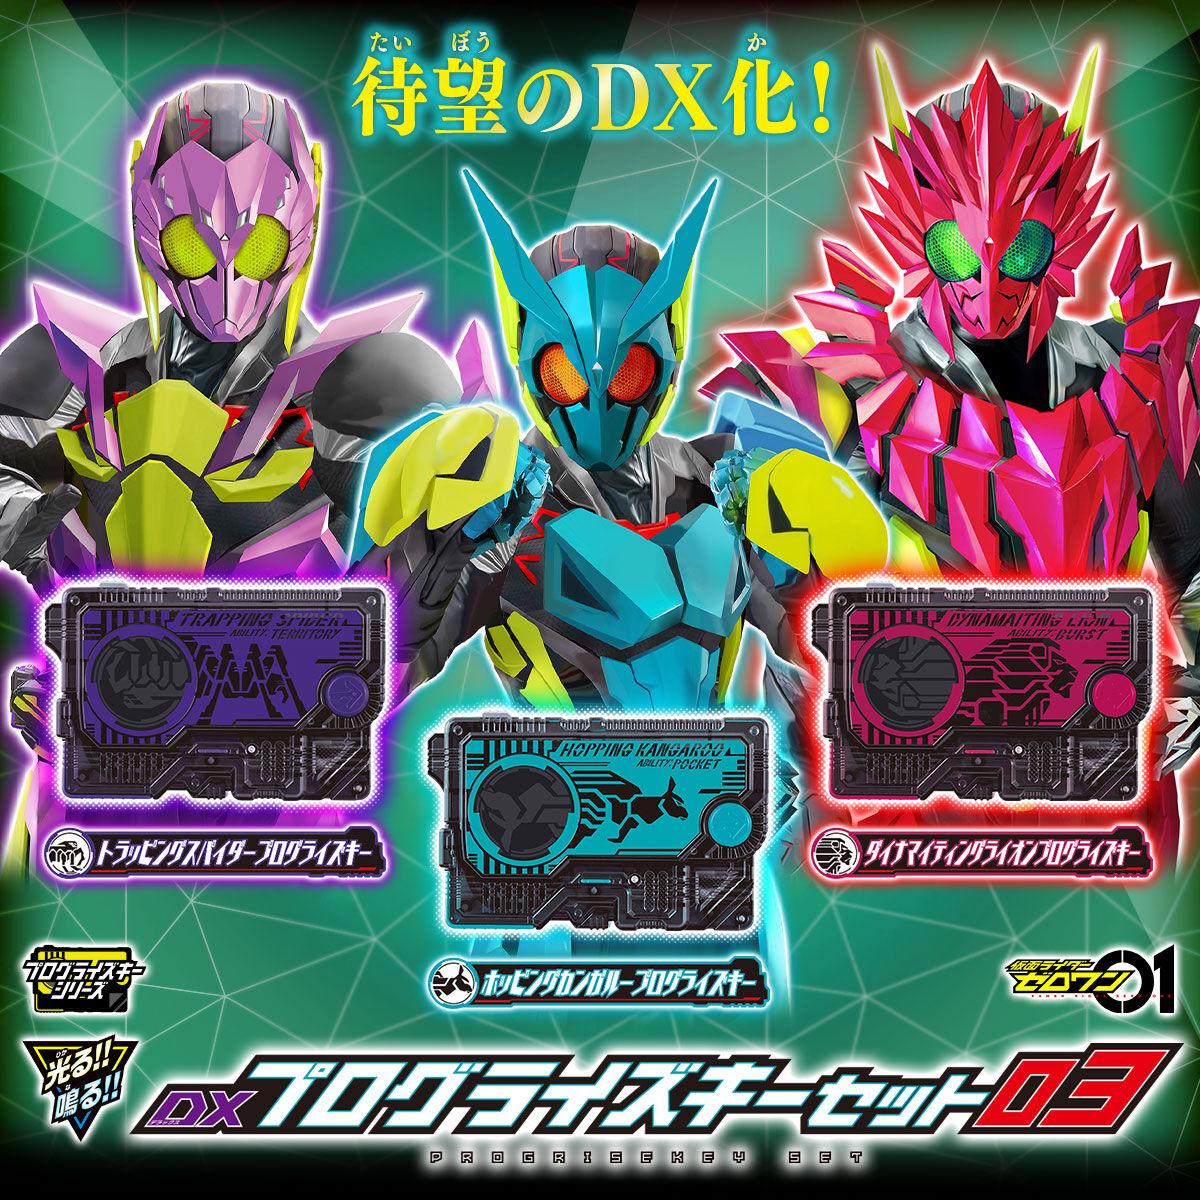 【限定販売】仮面ライダーゼロワン『DXプログライズキーセット03』変身なりきり-001